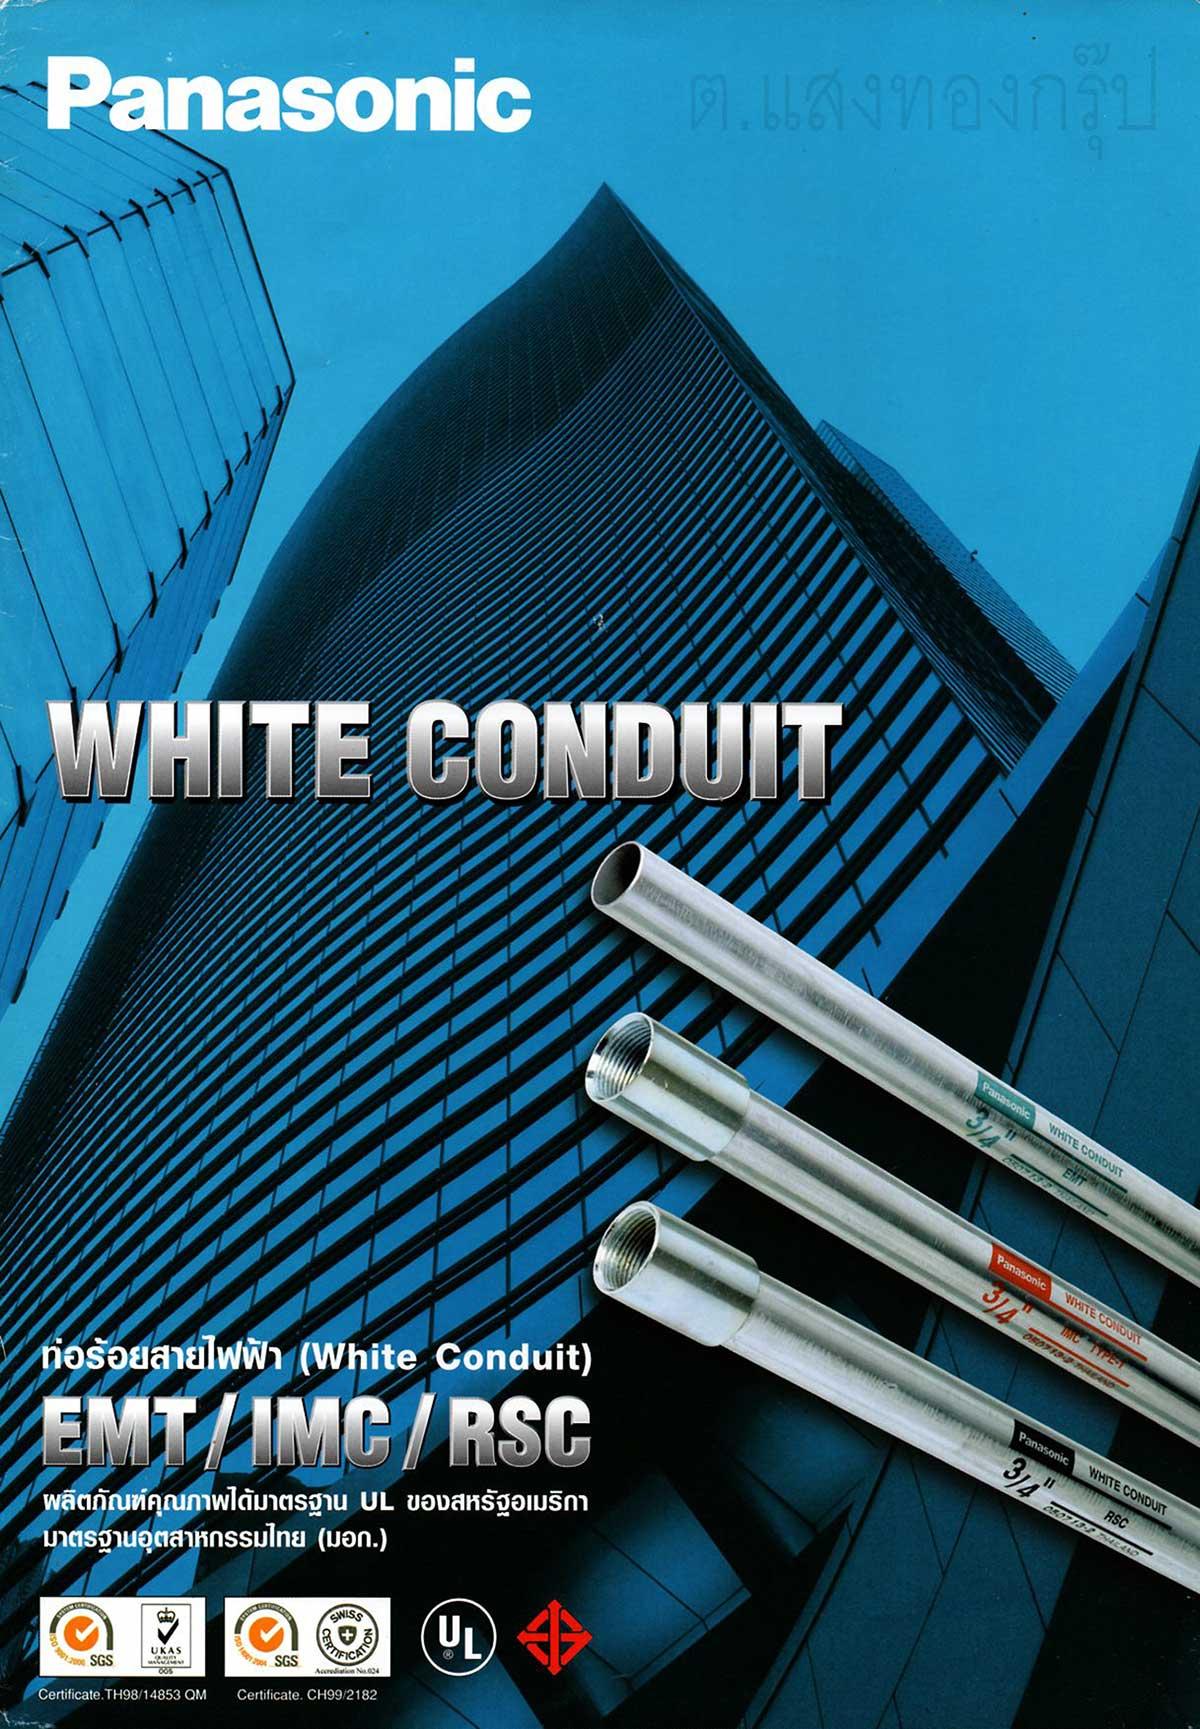 ท่อเหล็กชนิด EMT IMC RSC ยี่ห้อ PANASONIC